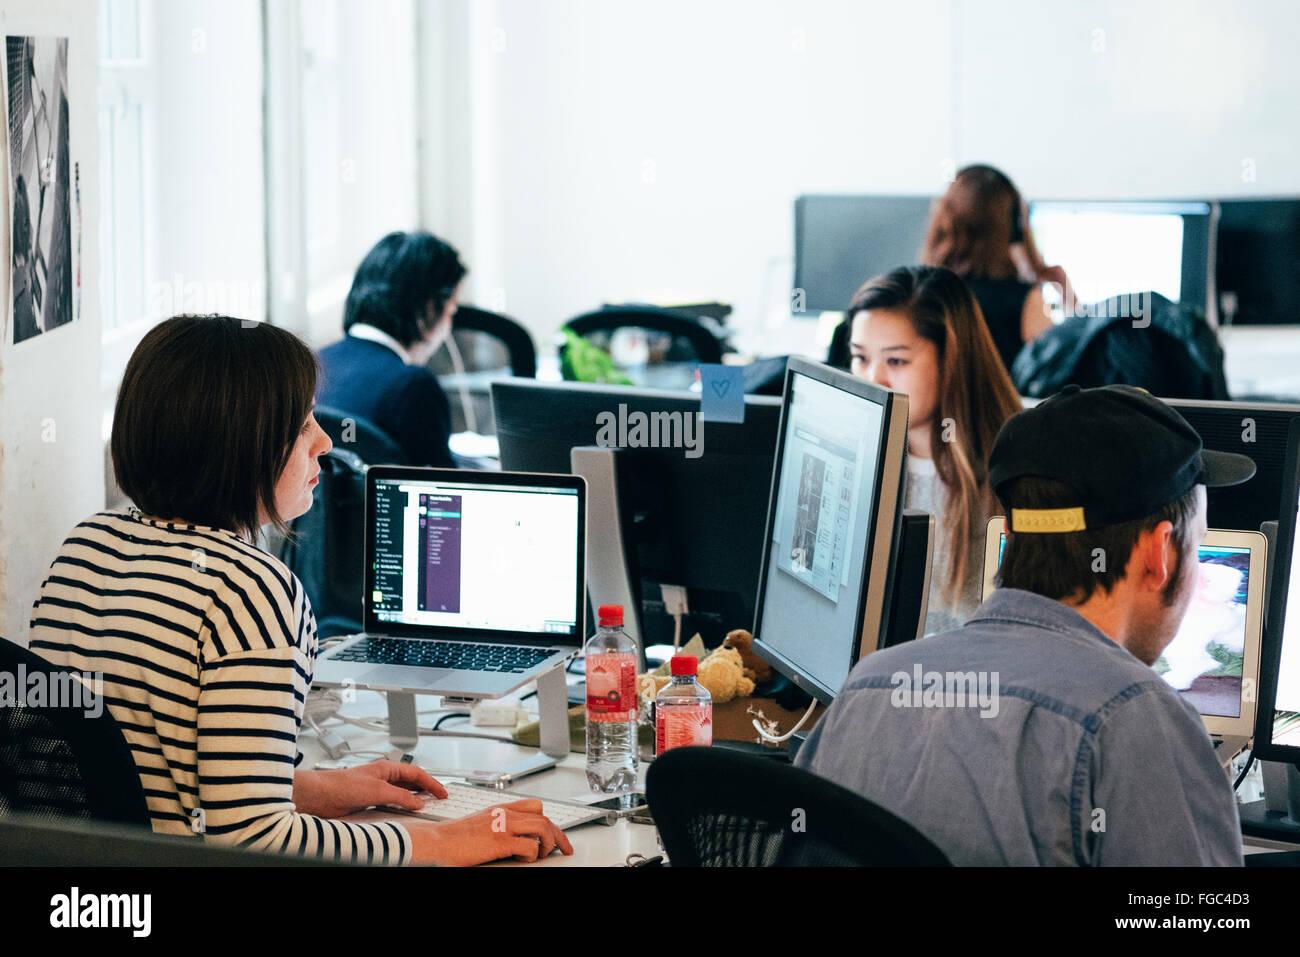 Las personas que trabajan en las computadoras de oficina Imagen De Stock